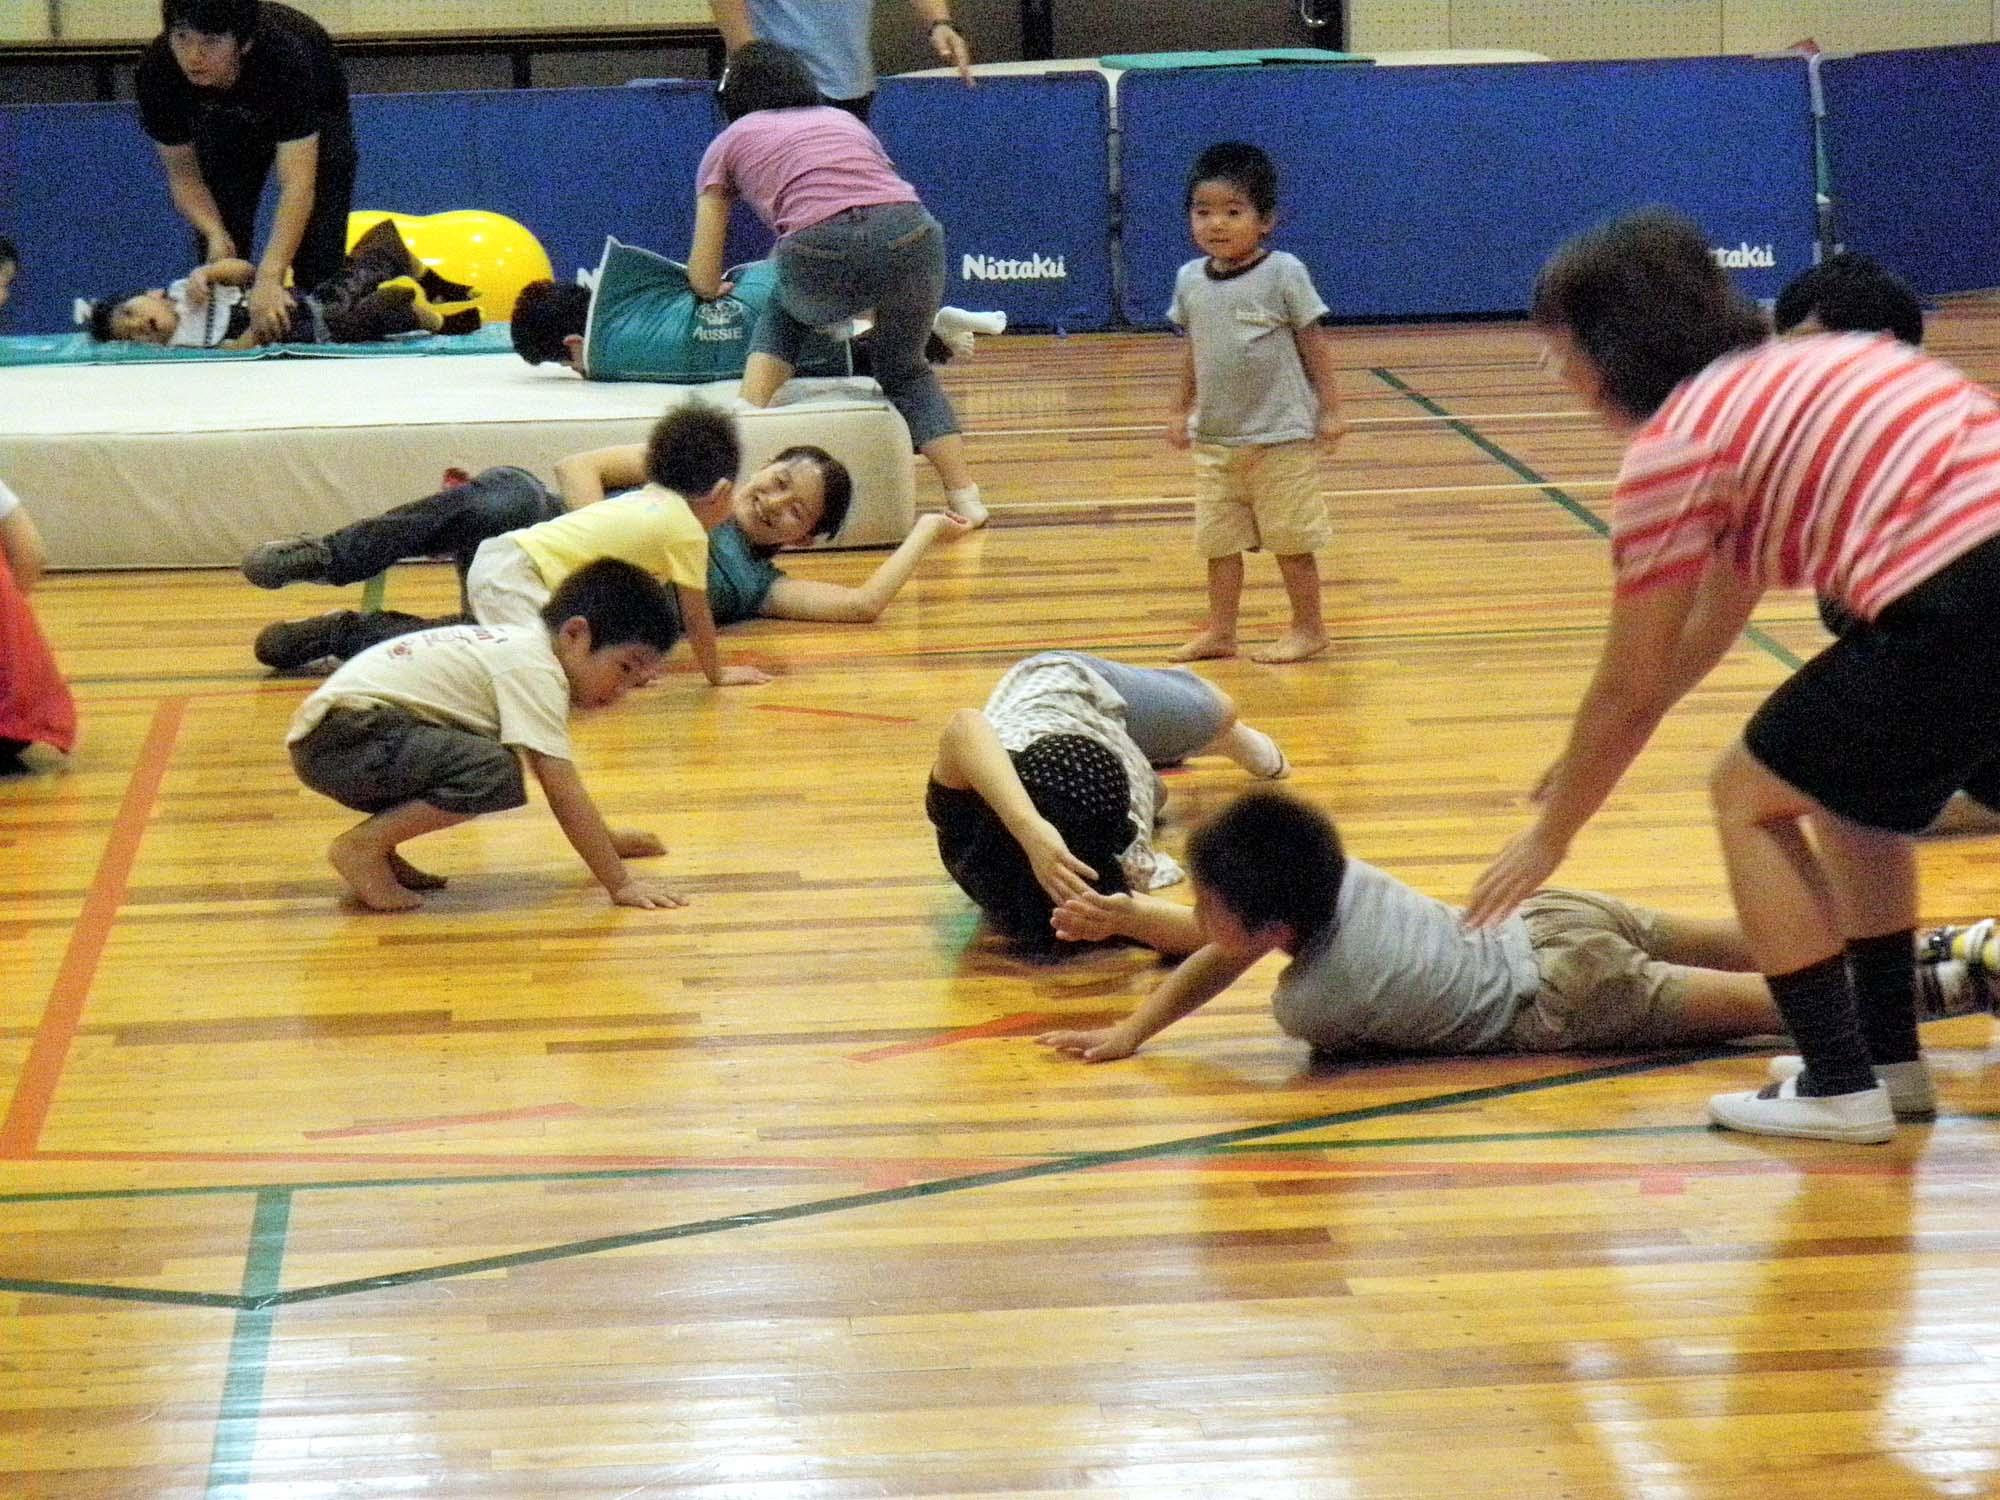 P9270275 - 親子で楽しむキッズ体操クラブ教室より ・・・親子でリズム体操を楽しんでいます。